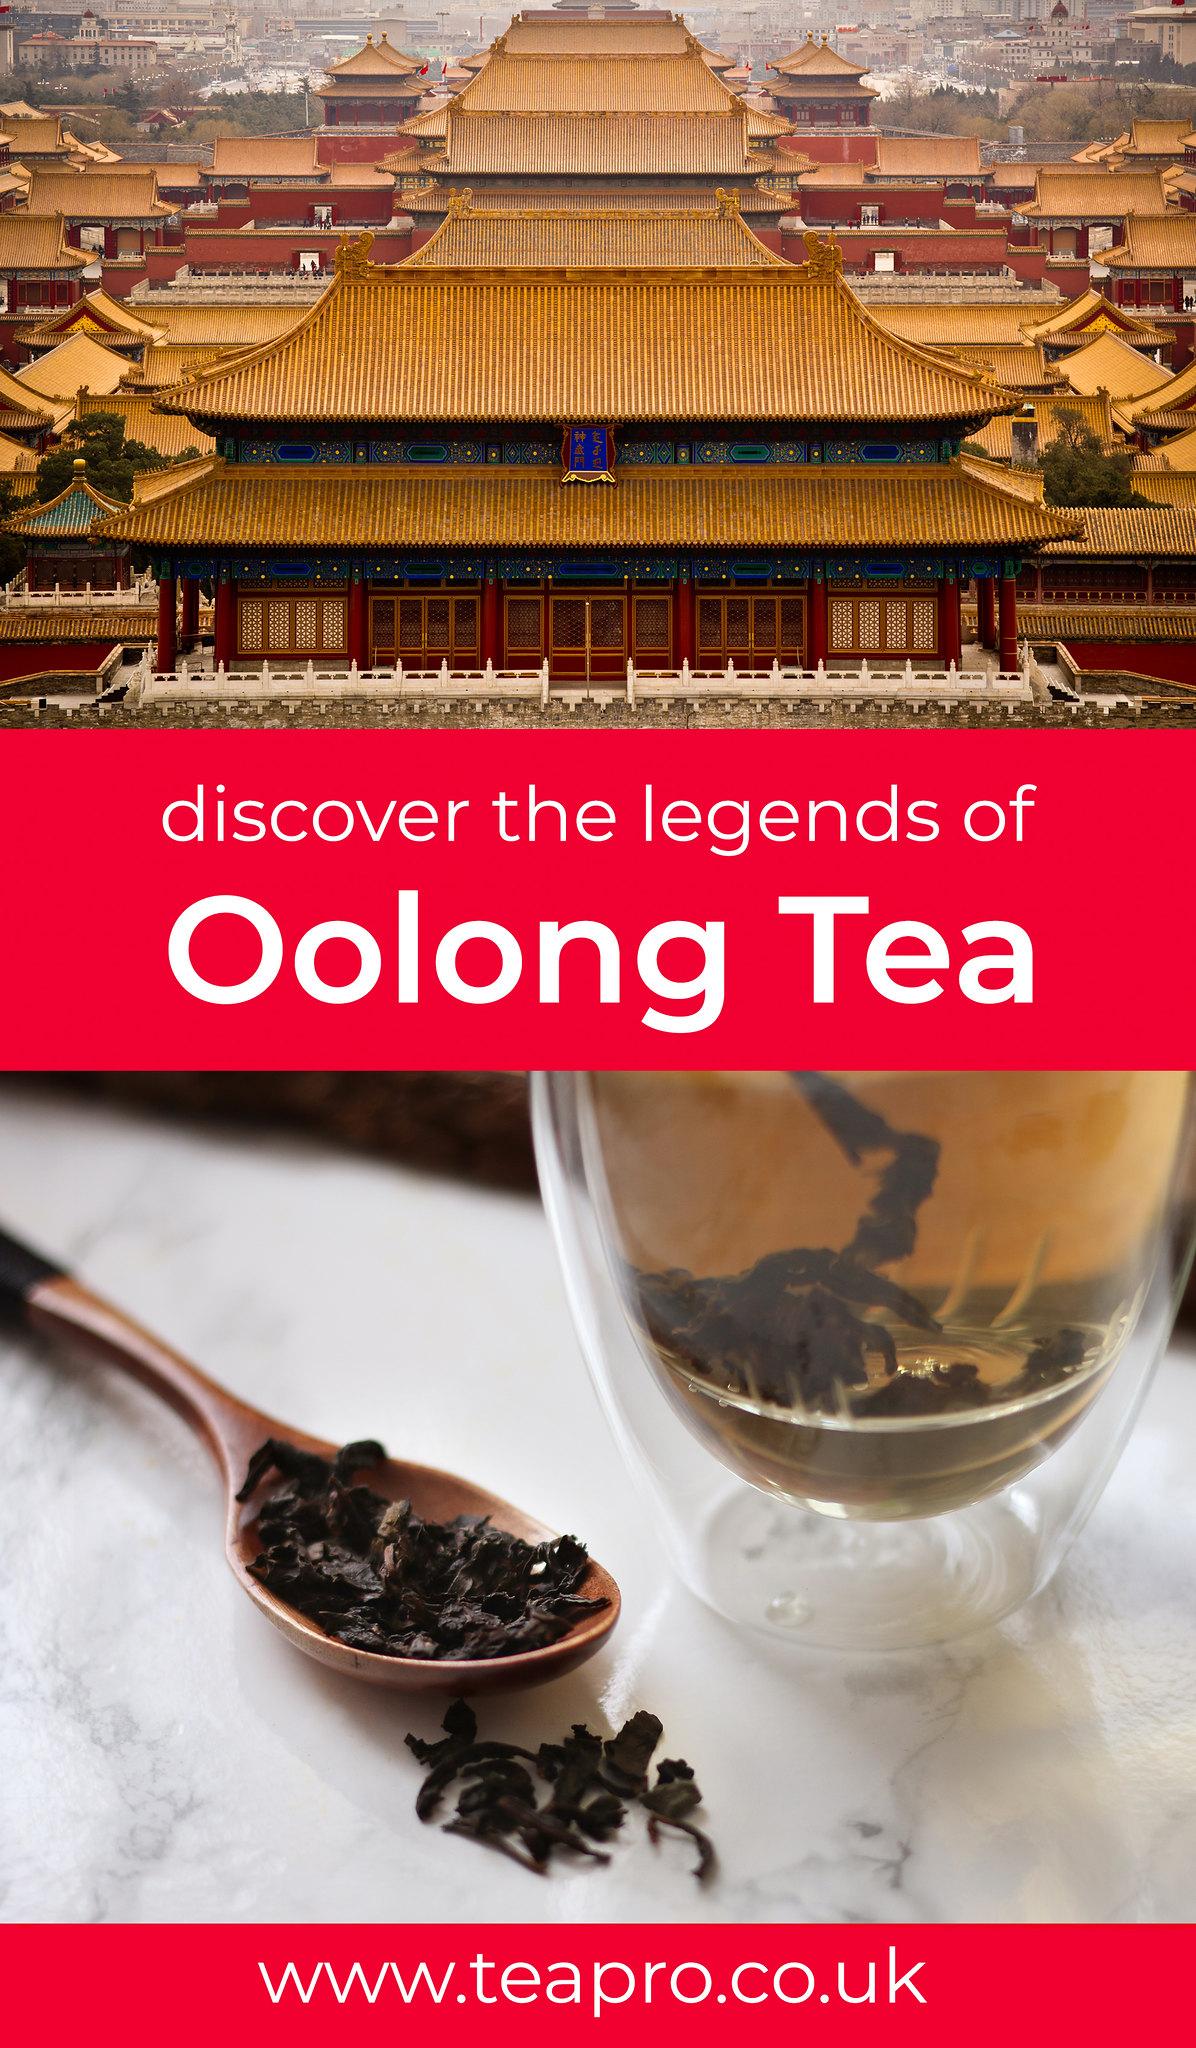 Oolong Tea - September Box subscription teapro